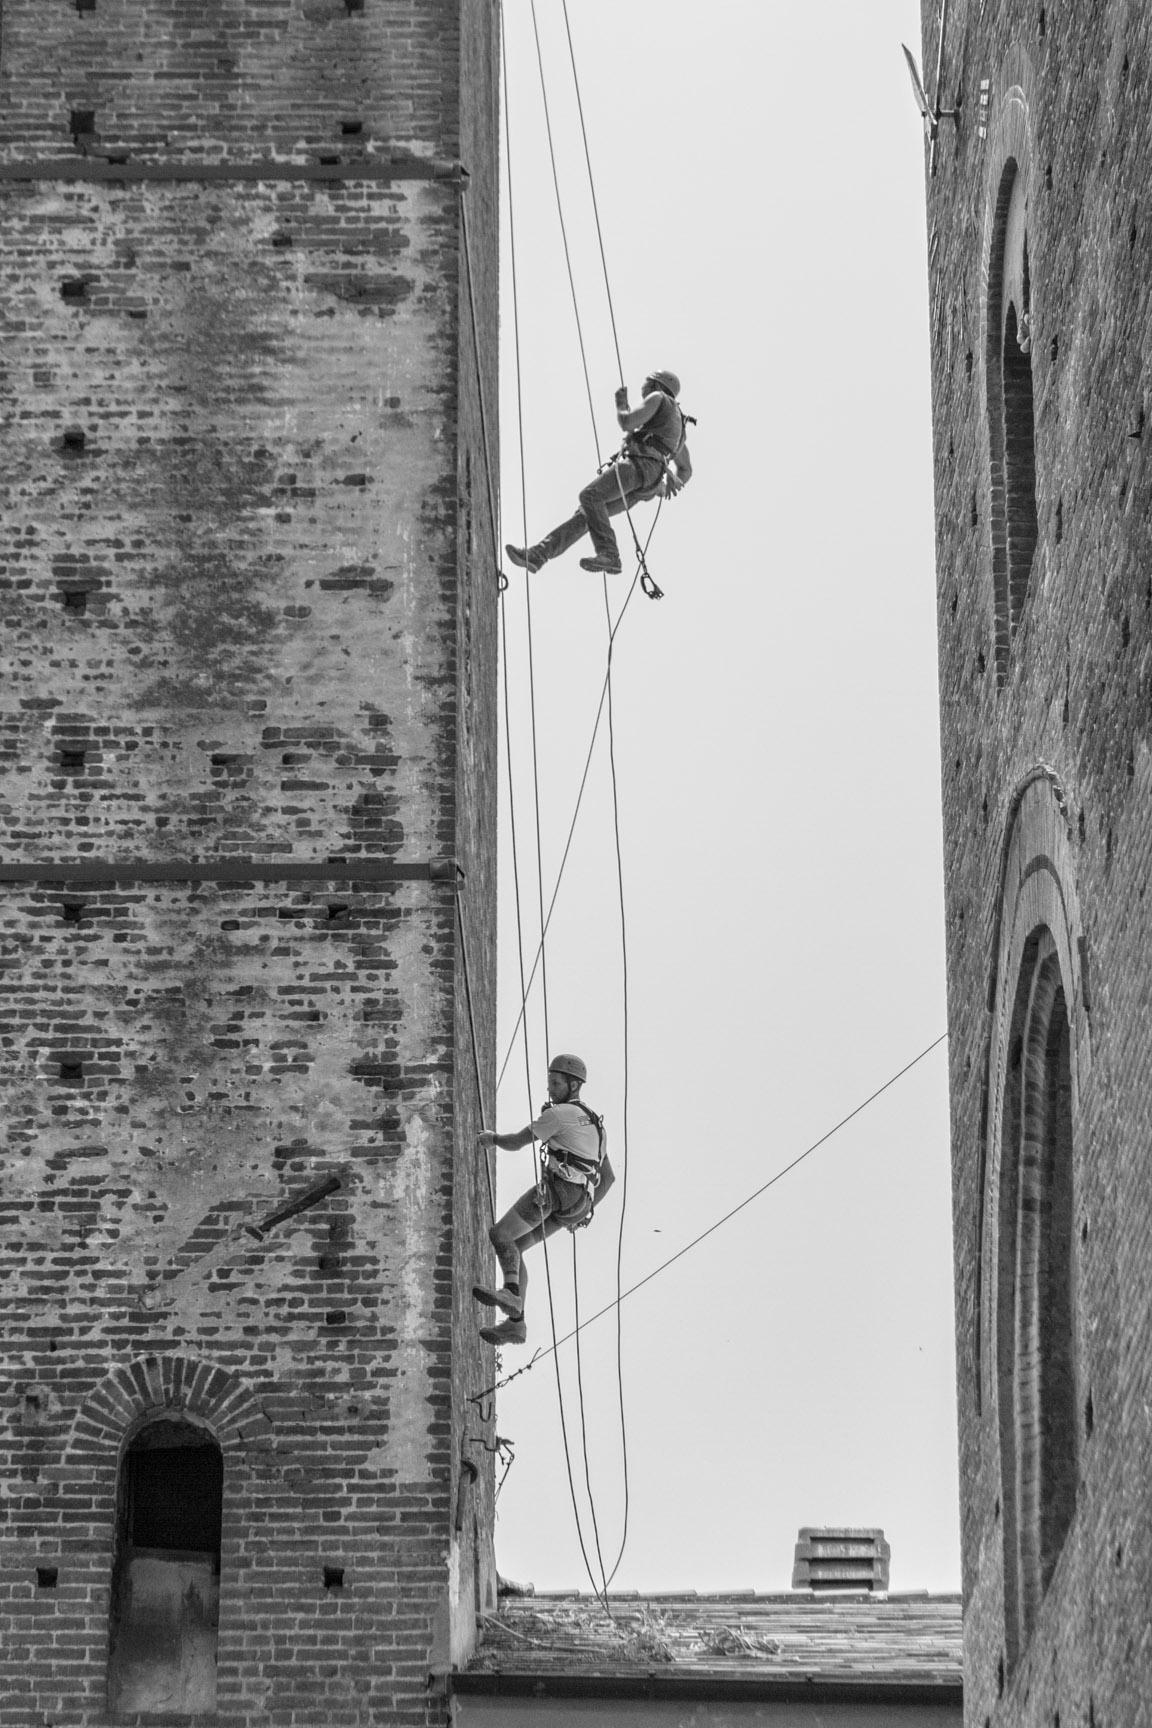 Gli operai della ditta edile Formento Restauri sono specializzati in restauri in quota, messa in sicurezza e restauro di edifici storici.